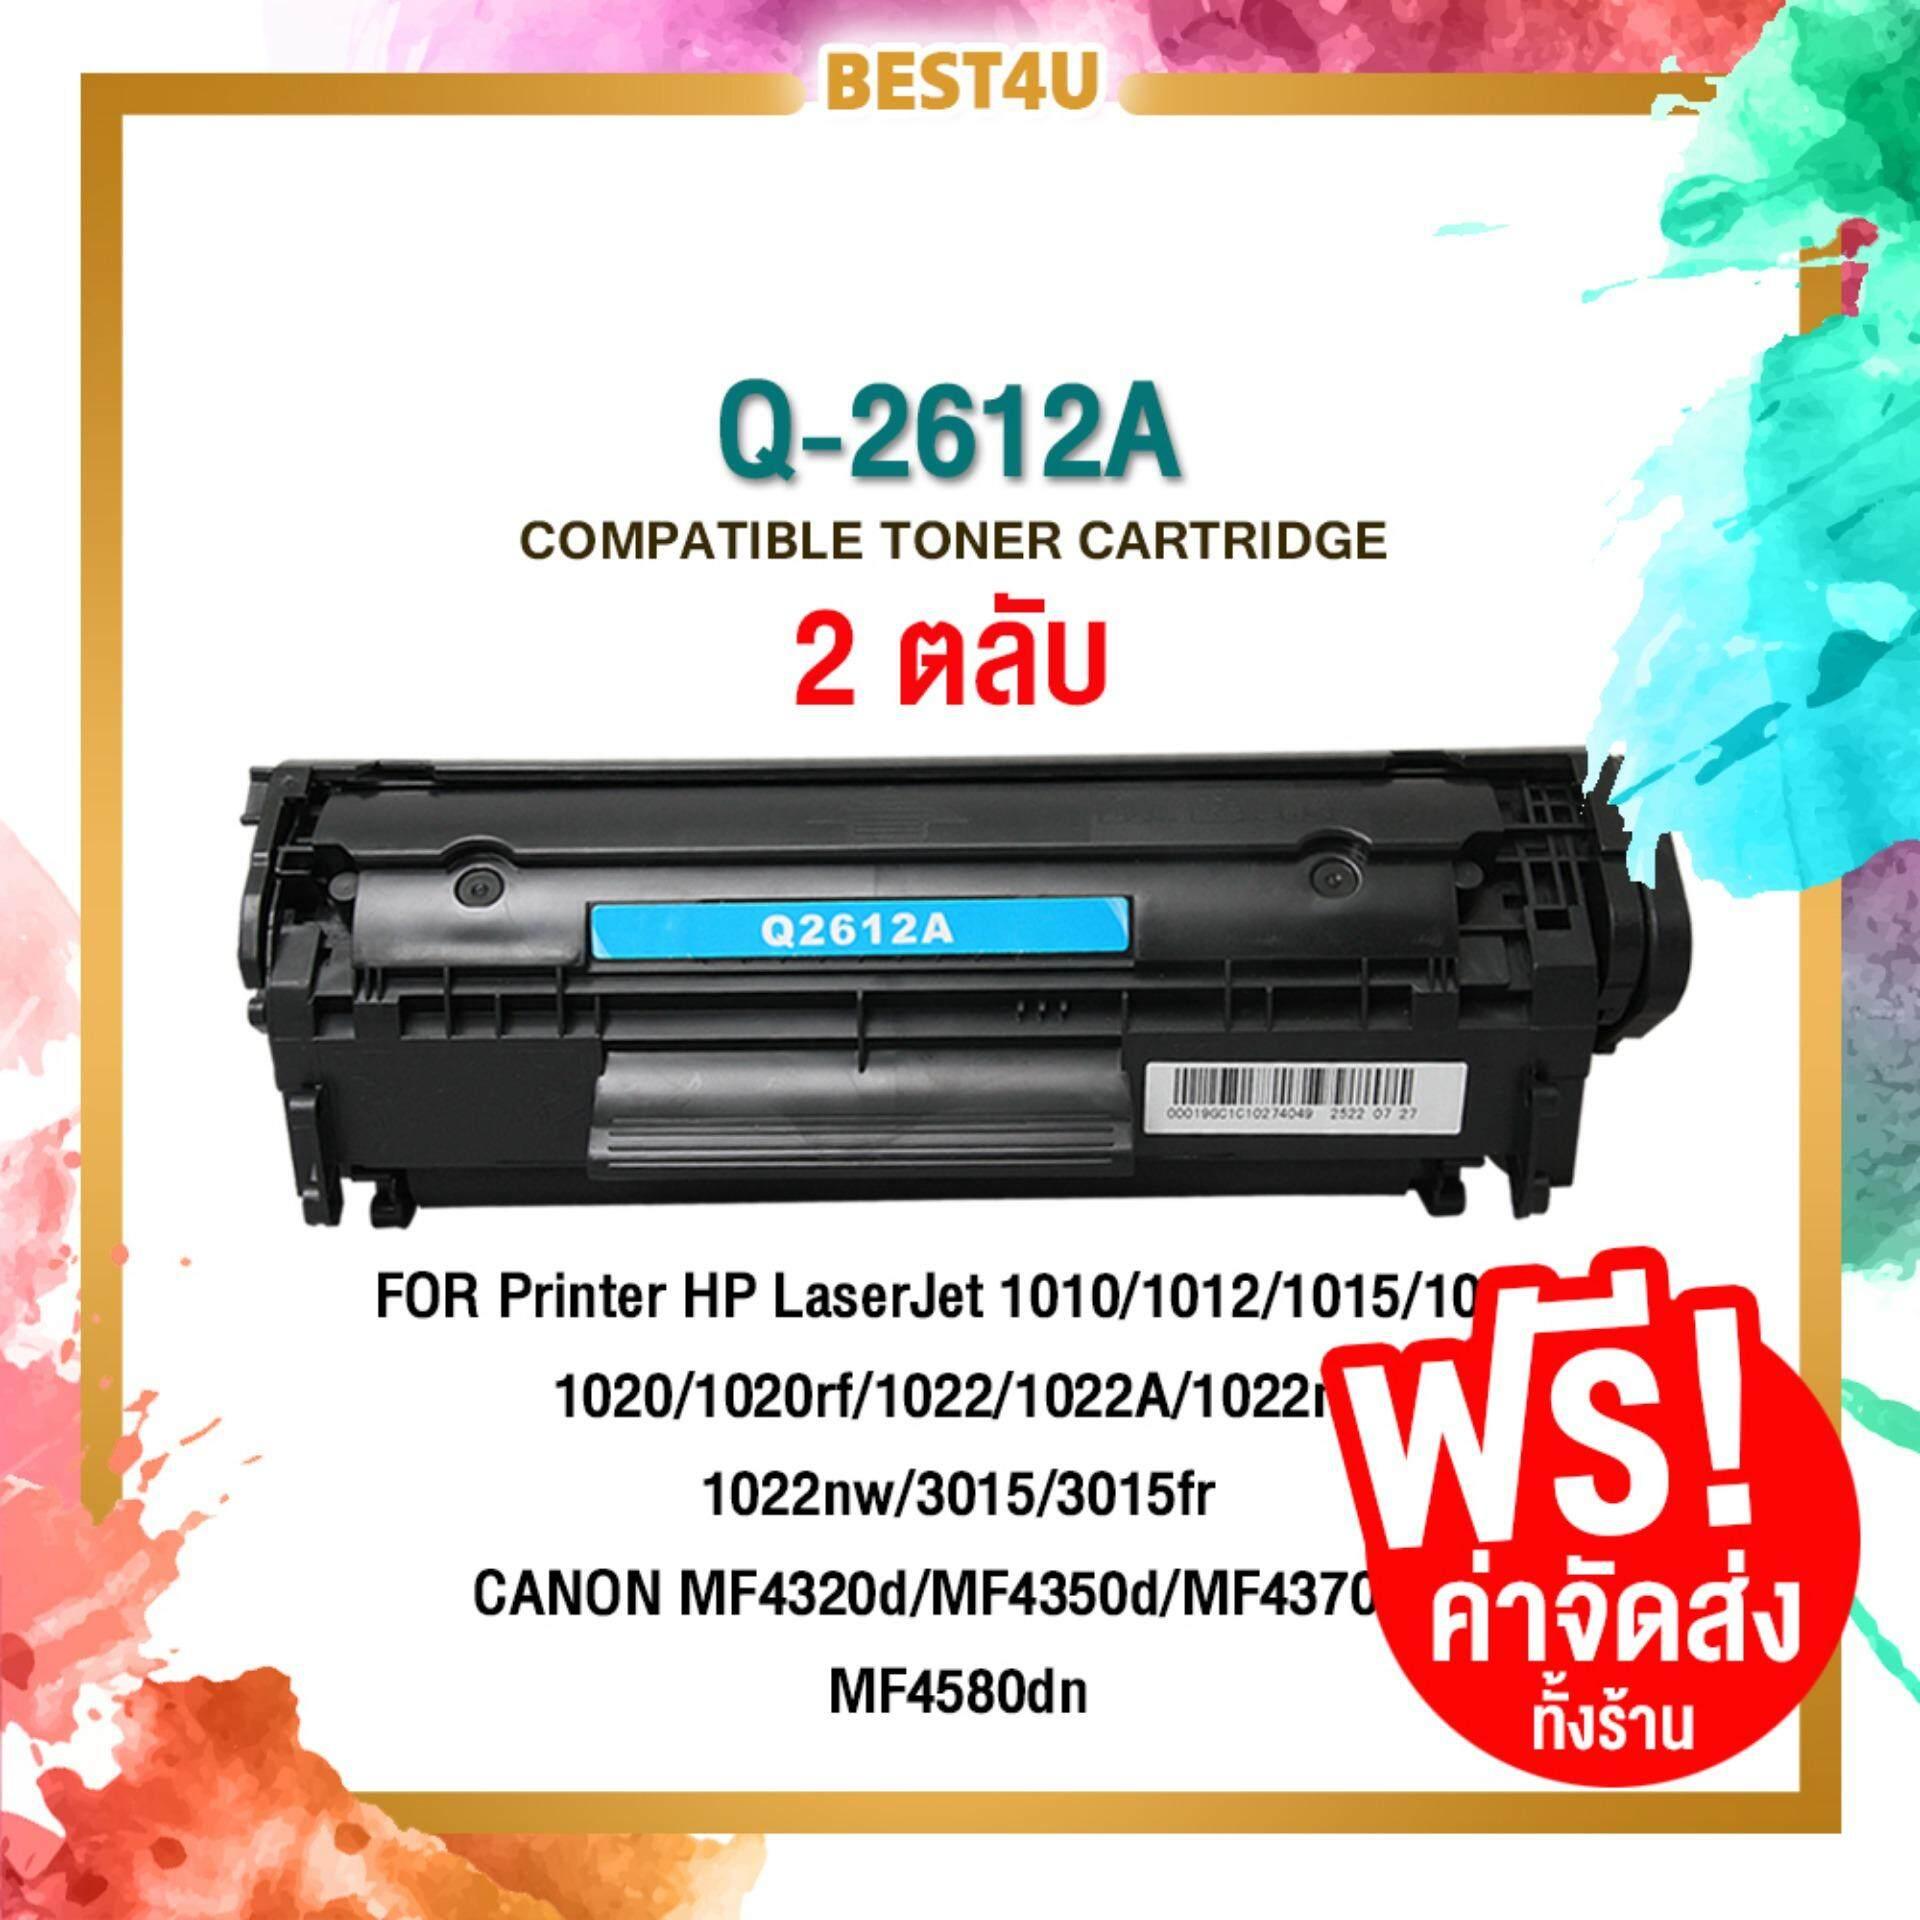 2PK Generic 12A TONER FOR HP Q2612A LaserJet 1010 1015 1012 1018 1020 1022 3015